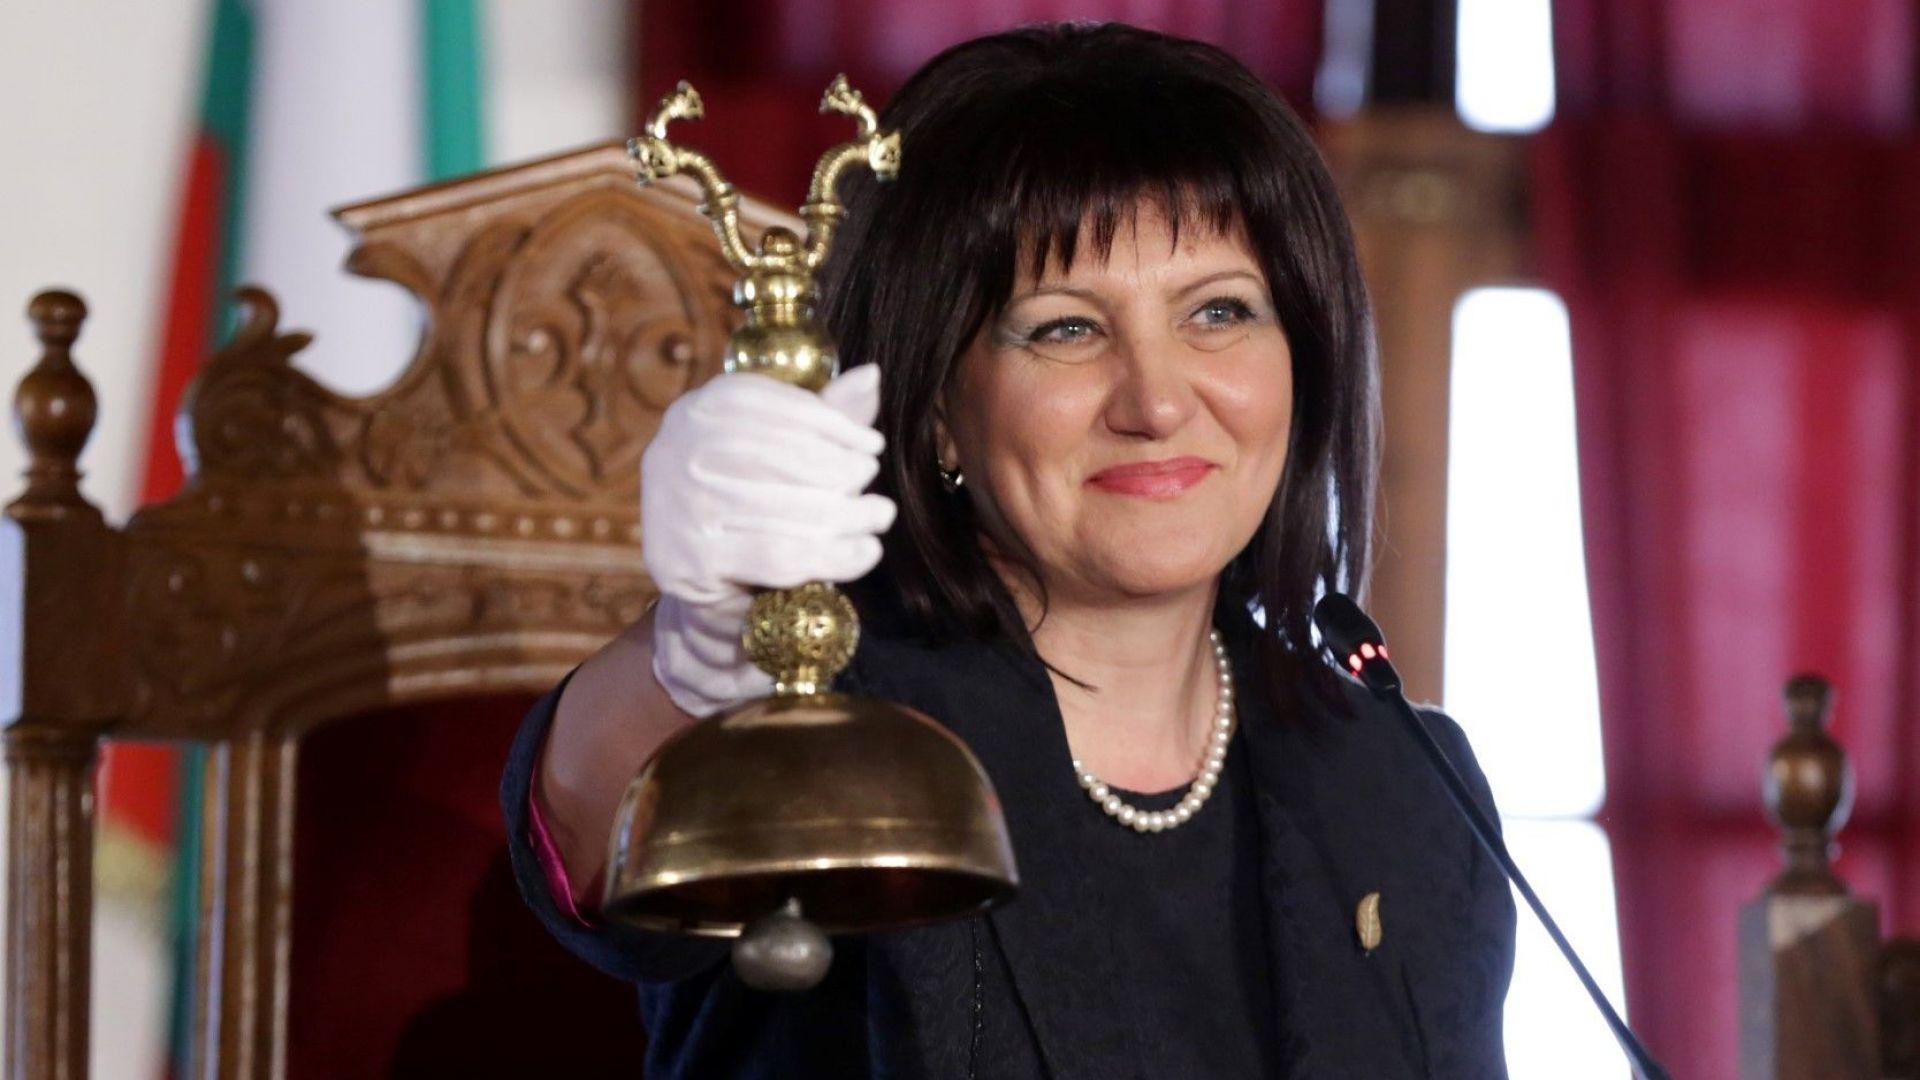 Обръщение на парламента: Решени сме да съградим модерна, независима и просперираща България